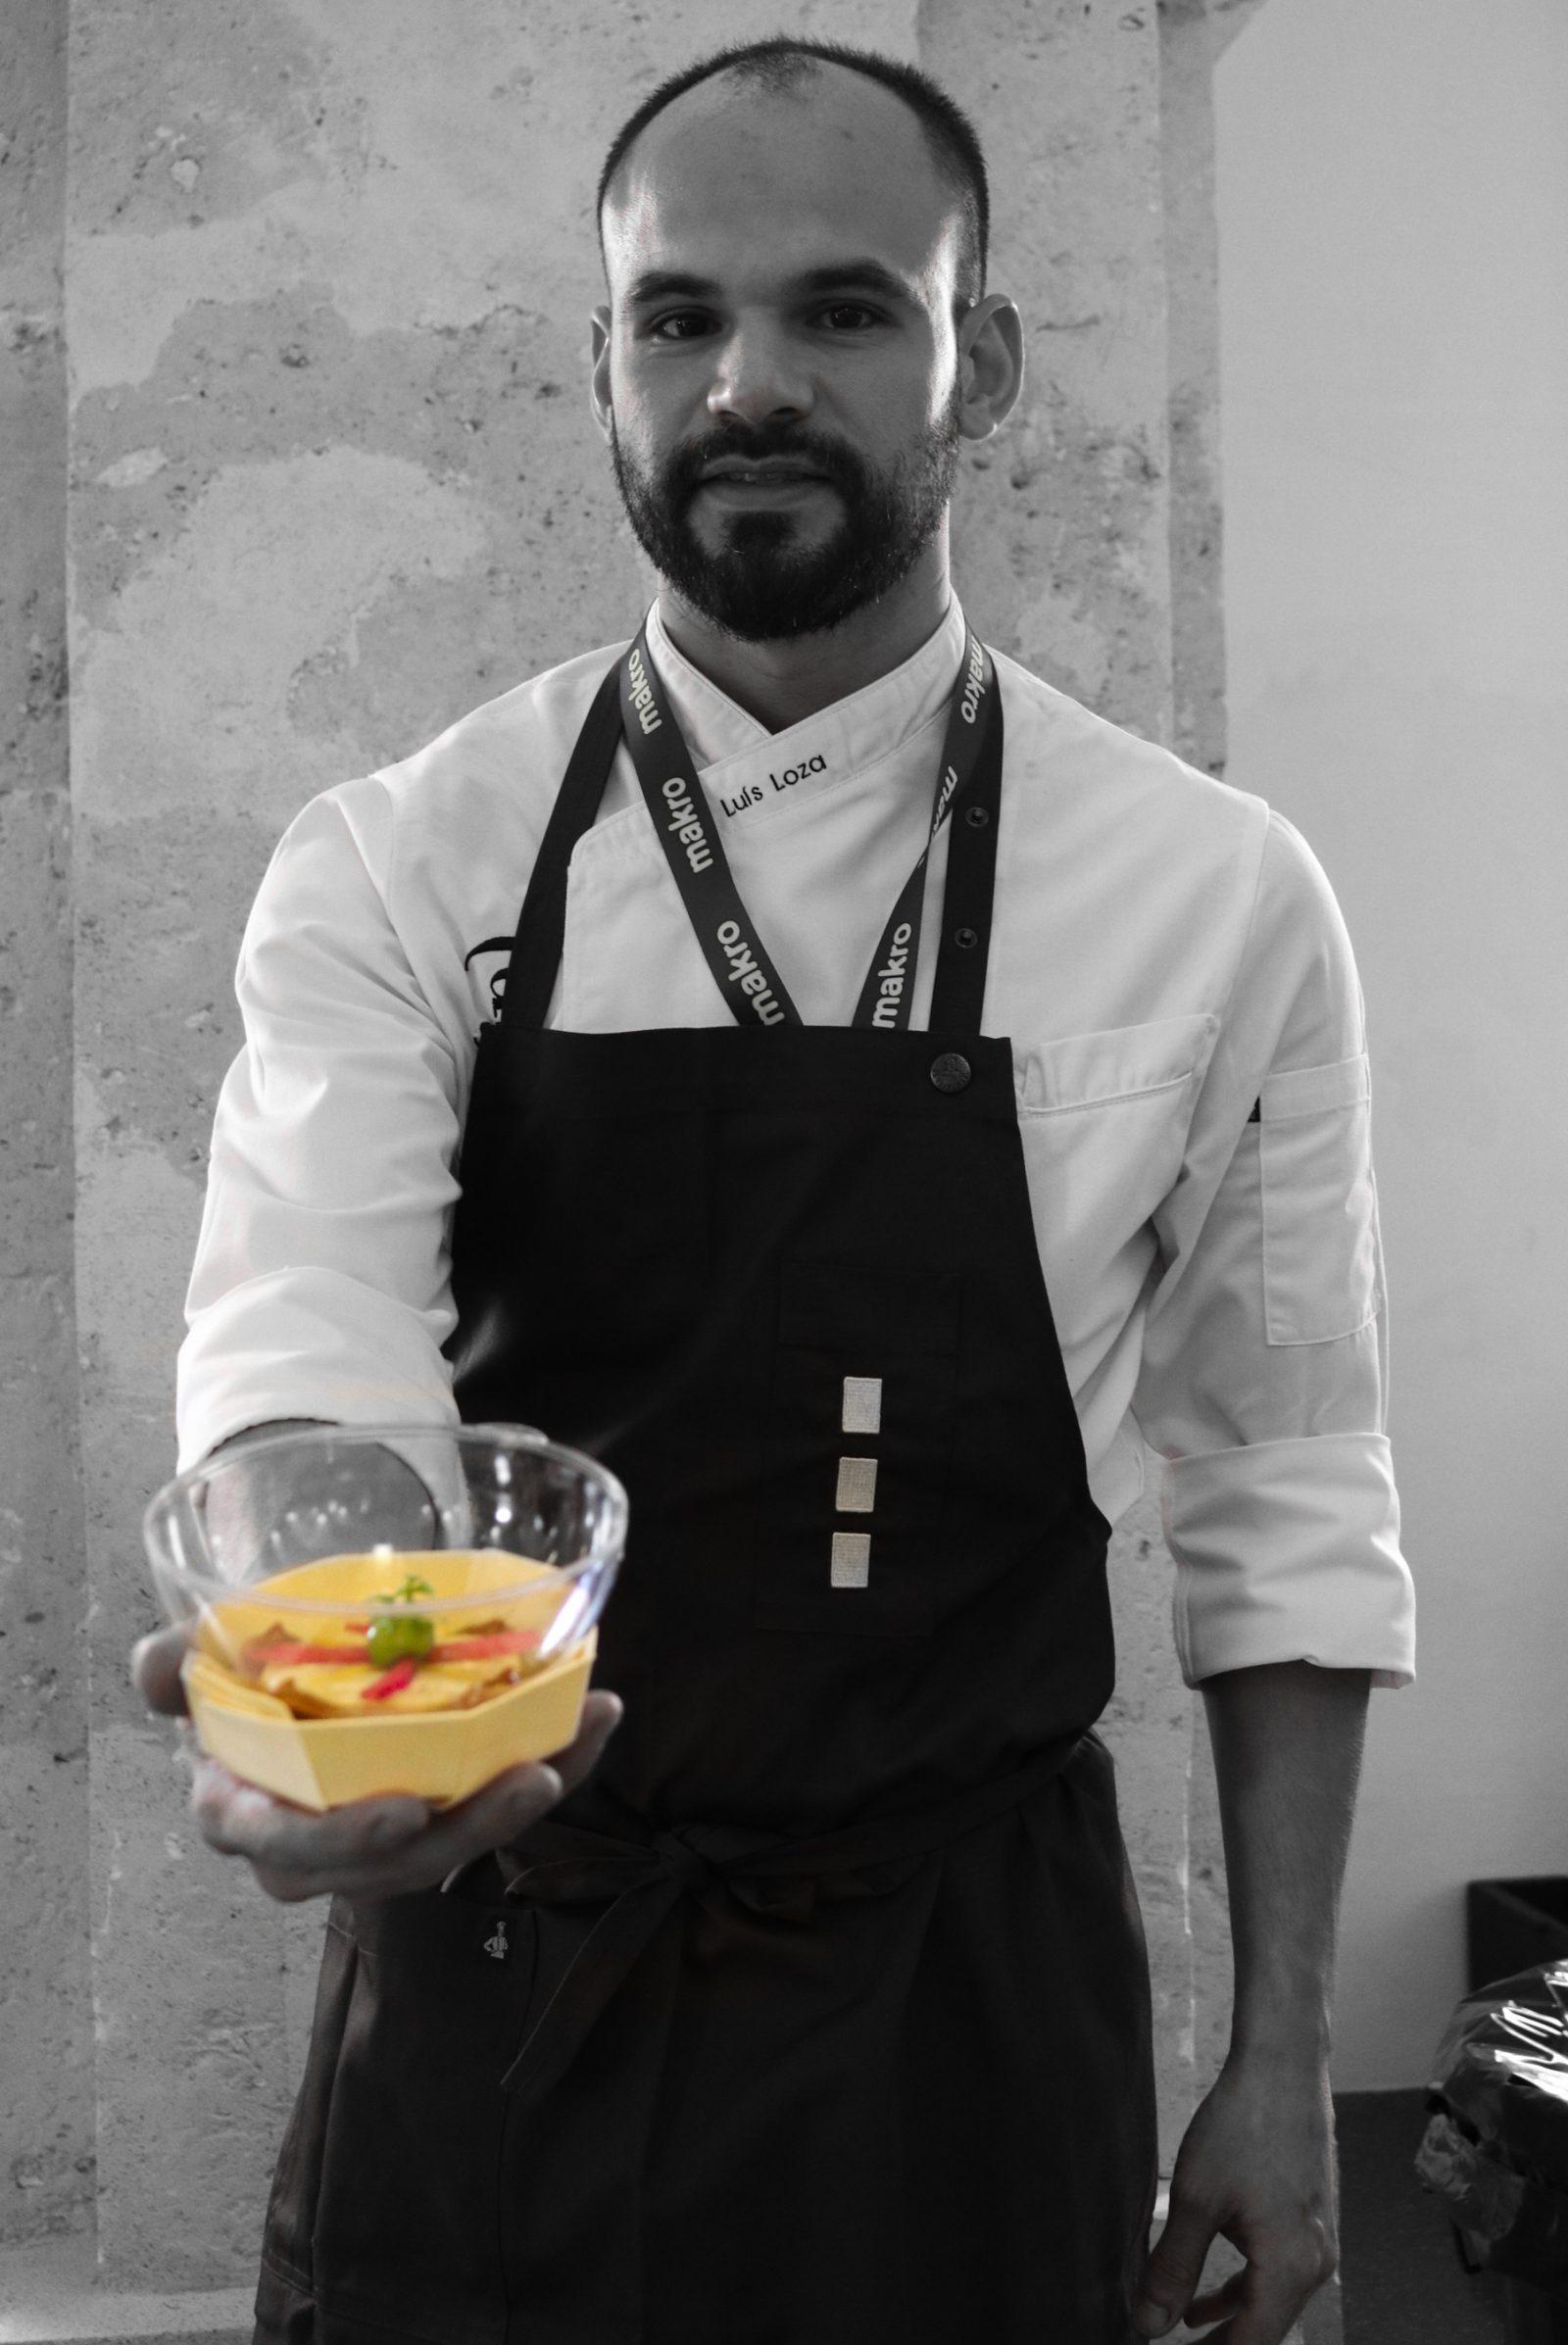 Luis Loza Peccata Minuta Menorca 2017 - Chefsin